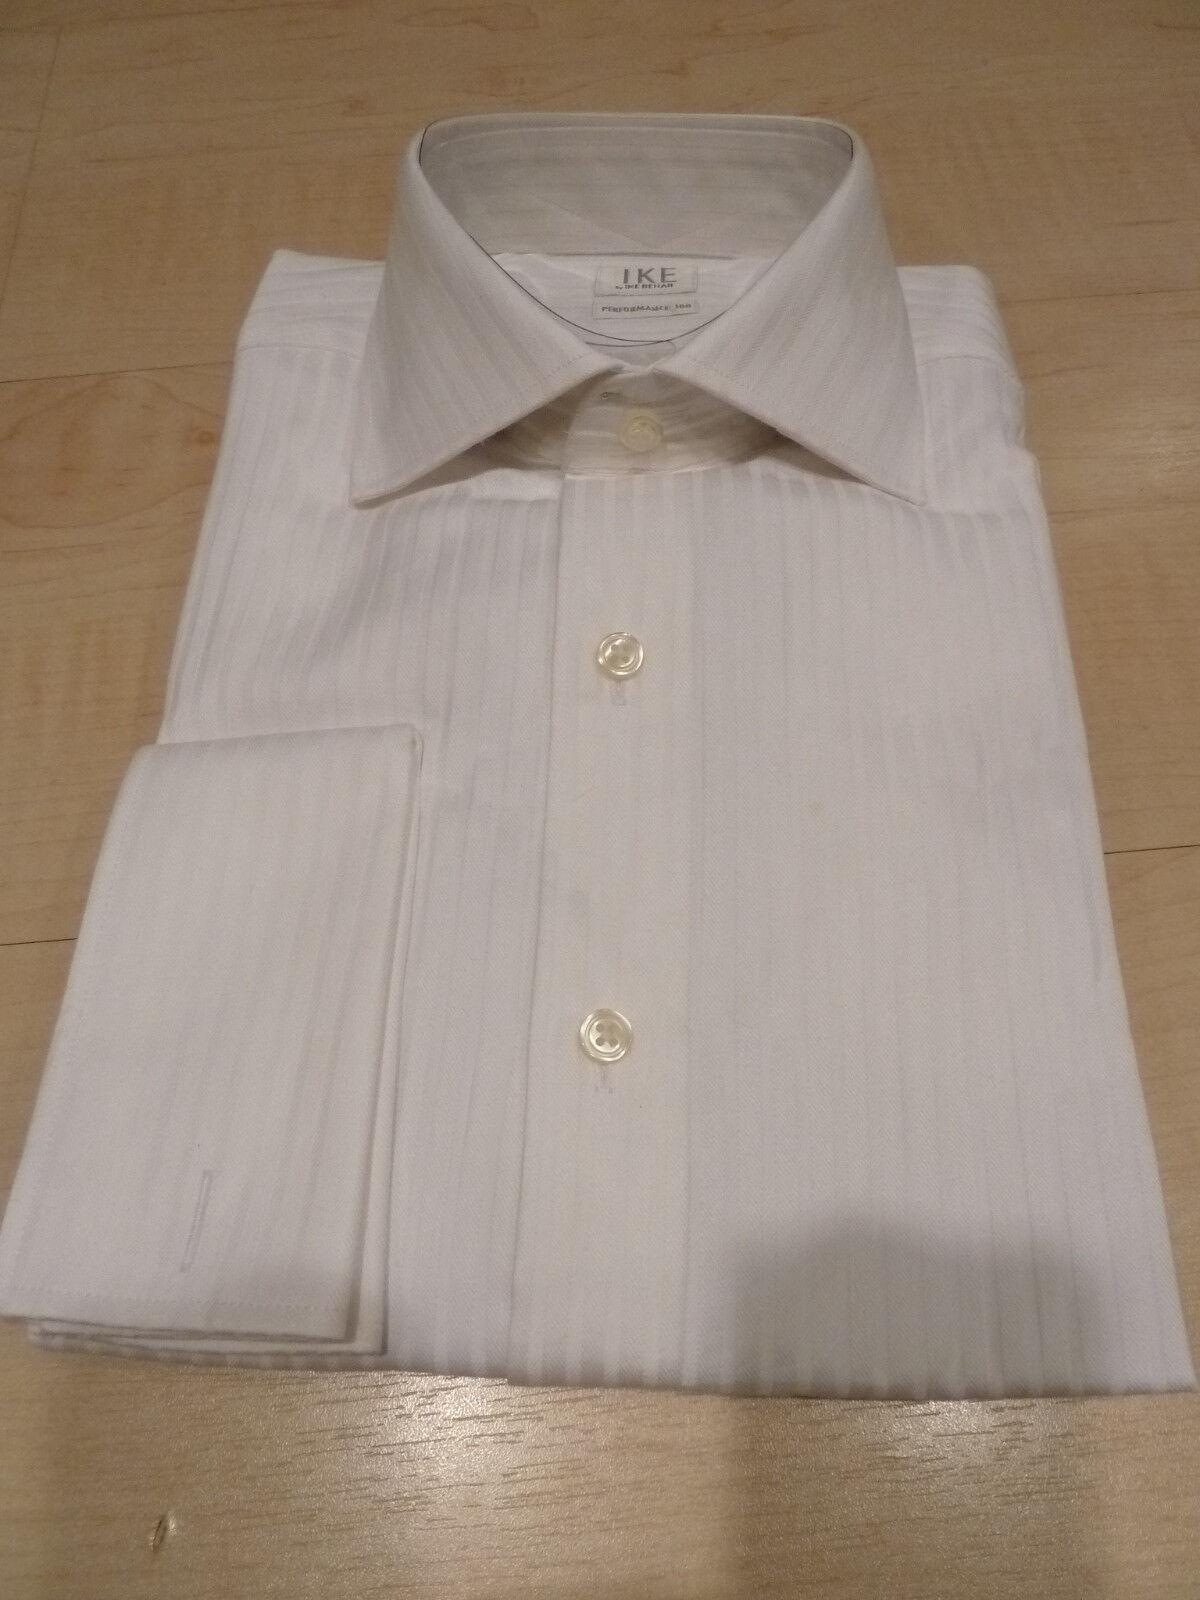 NEW  150+ IKE BEHAR Mens Dress SHIRT 15.5 34 Weiß 100% Cotton FC Perform 100